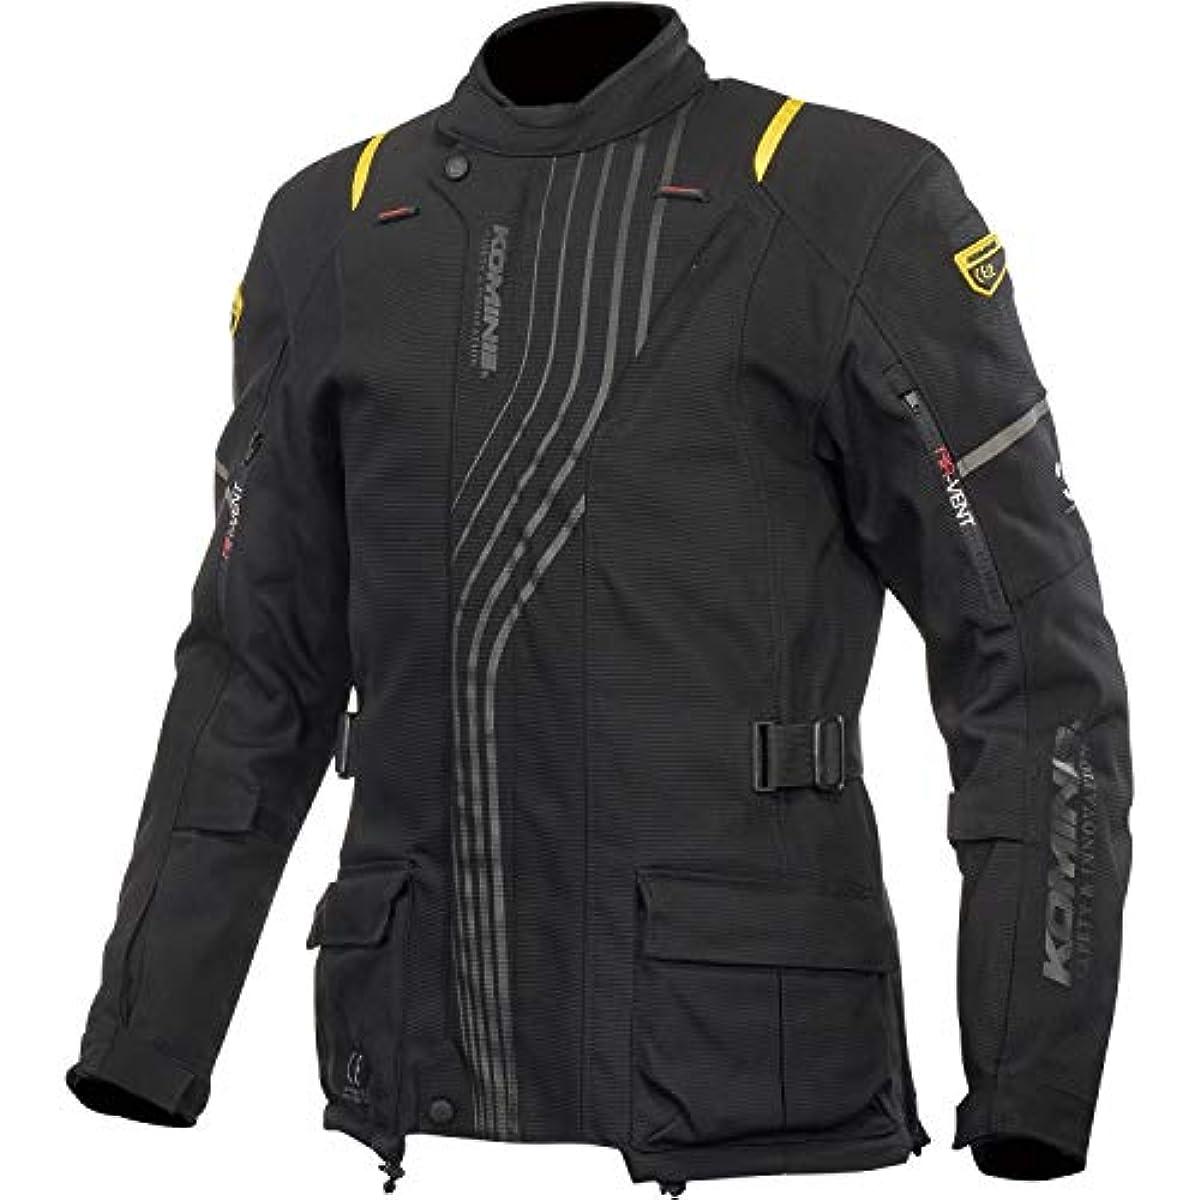 [해외] 코미네 KOMINE 오토바이 스푸리무 프로텍트 겨울 재킷 투습방수 보온 이너 CE규격 레벨2 프로텍터 추동 BLACK L 07-605 JK-605 07-605